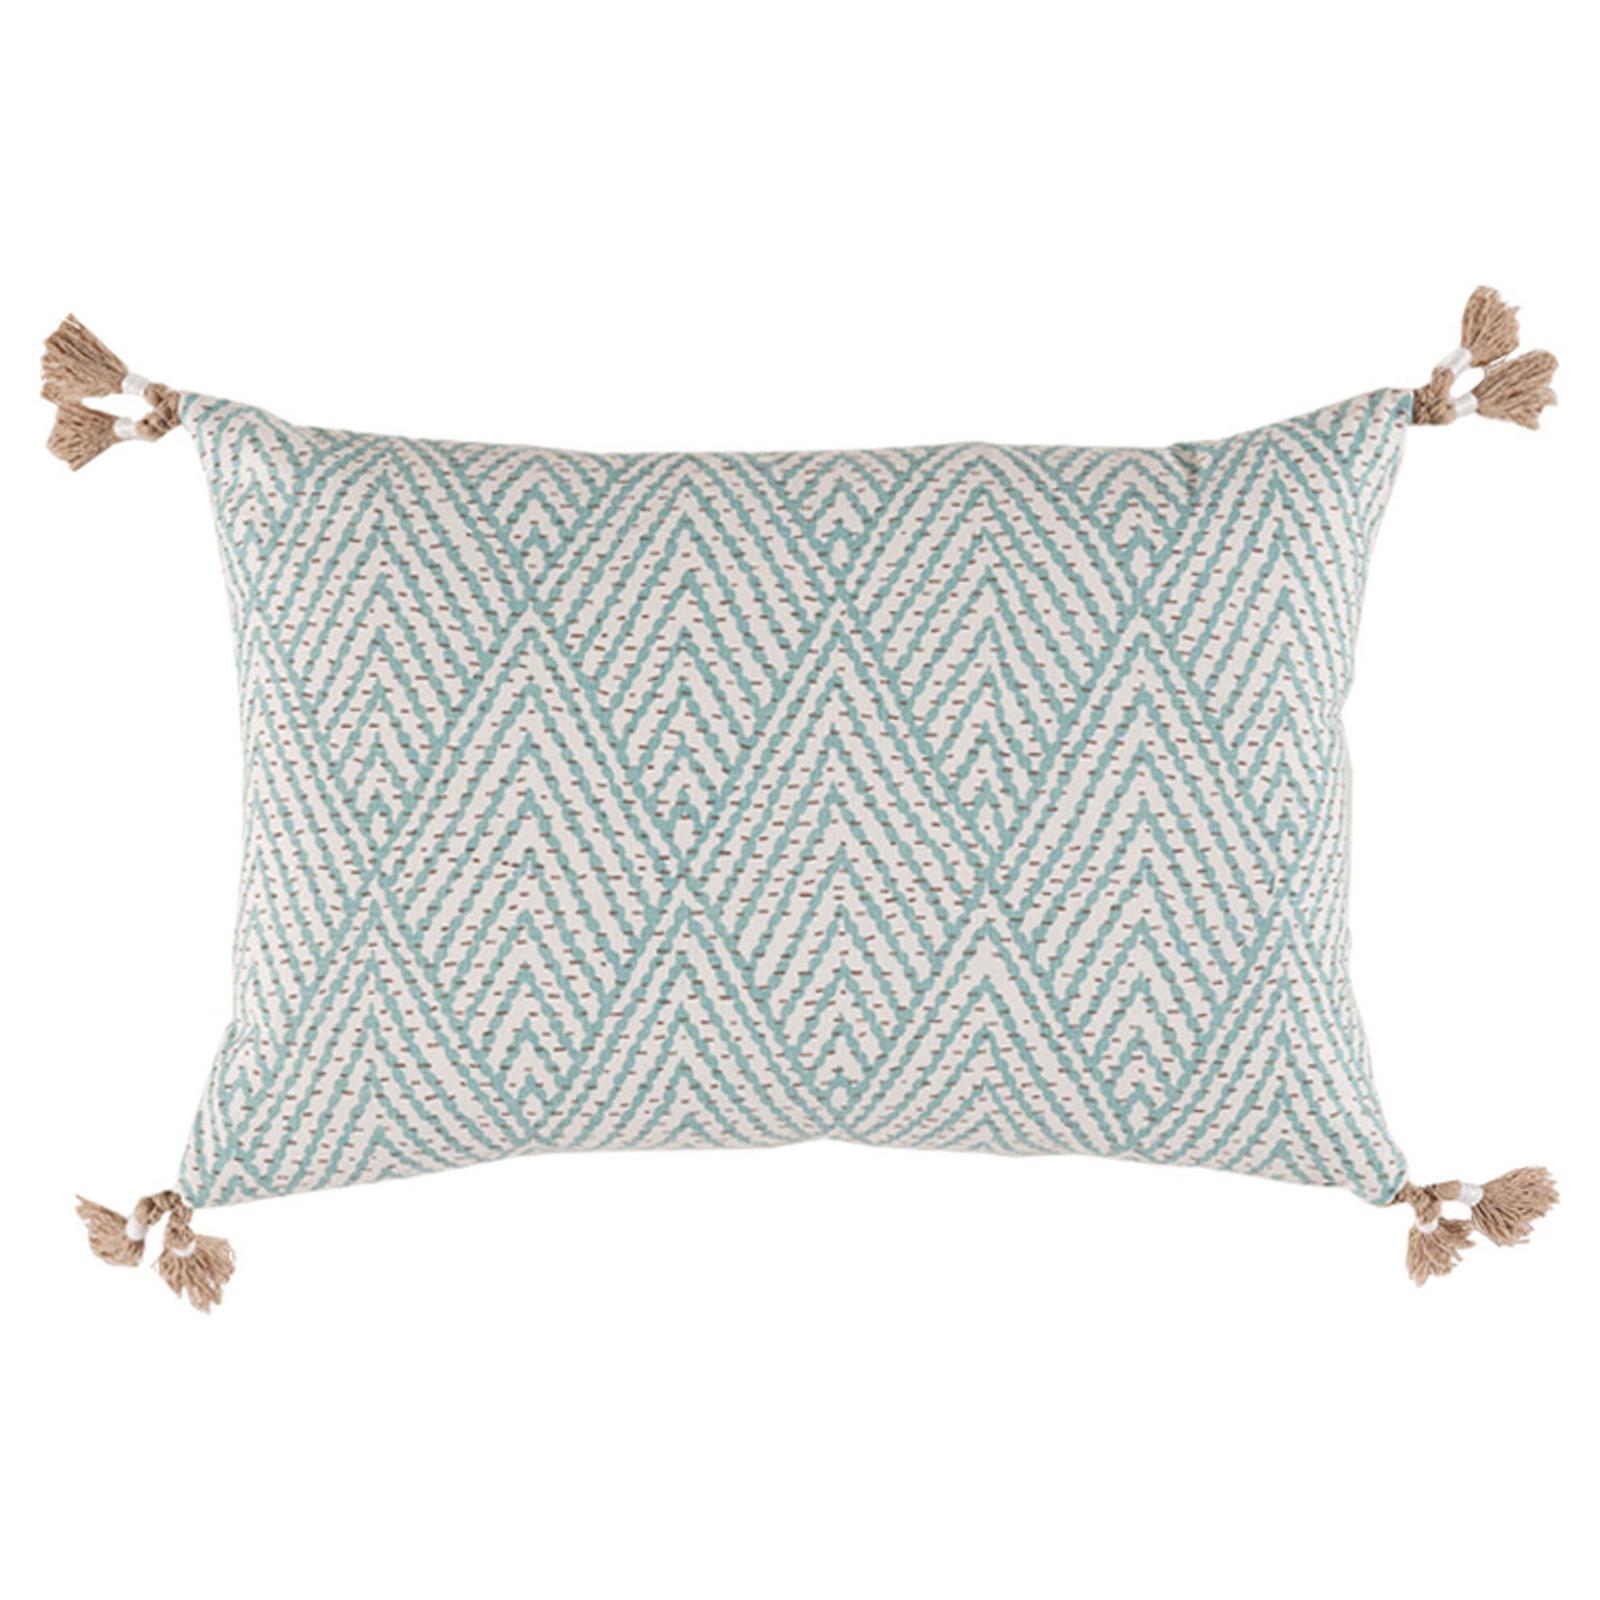 Reni Global Bazaar Sky Blue Stitch Linen Tassel Pillow - 13x19